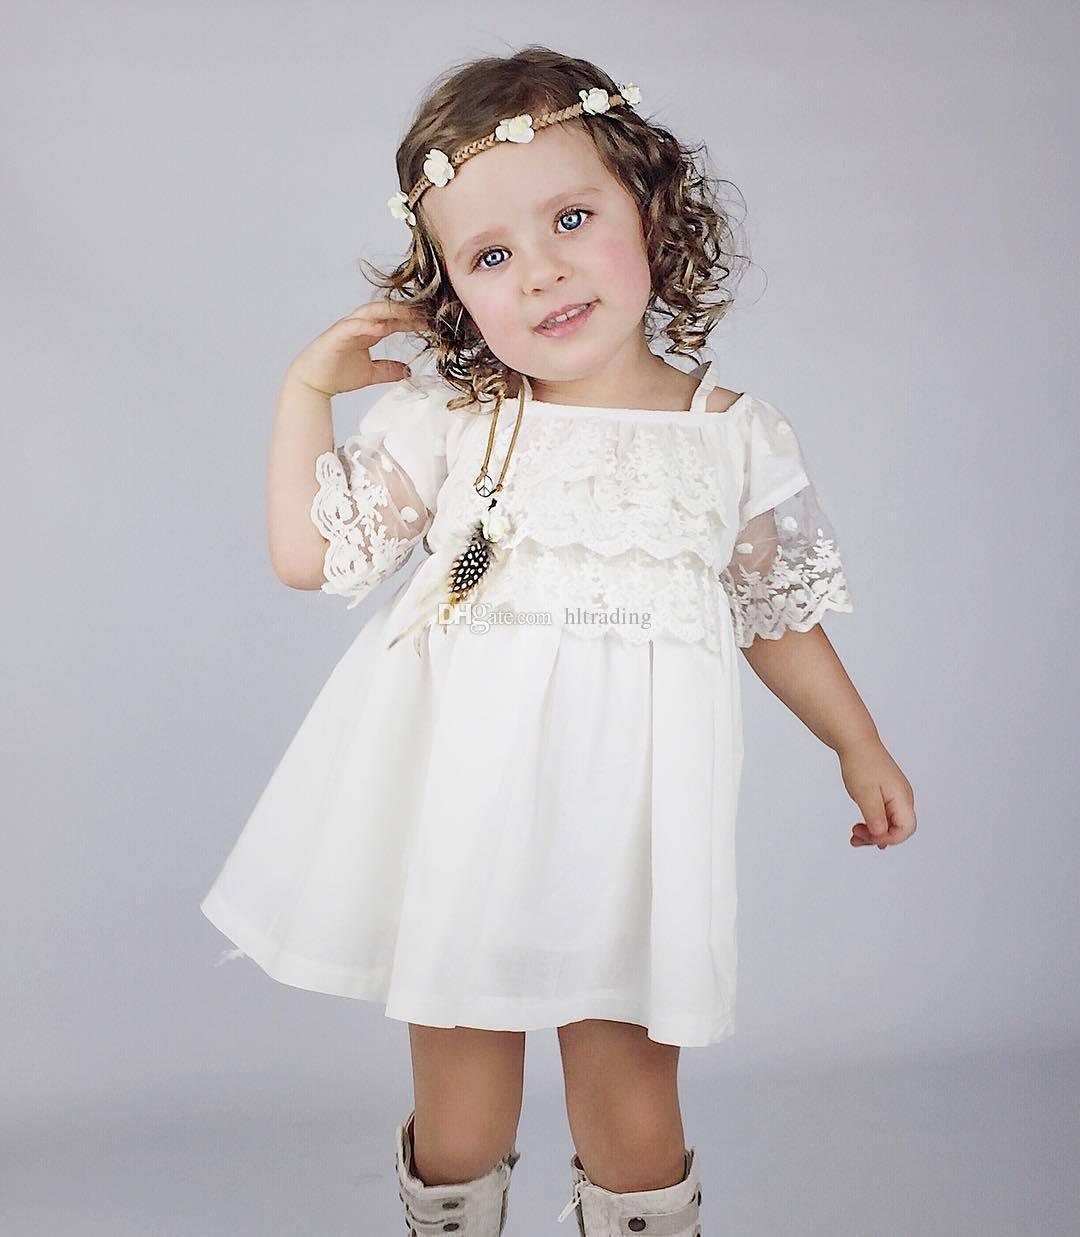 Baby Mädchen Spitze trägerloses Kleid Kinder Hosenträger Prinzessin Kleider 2018 neue Sommer Pageant Urlaub Kinder Boutique Kleidung C3516